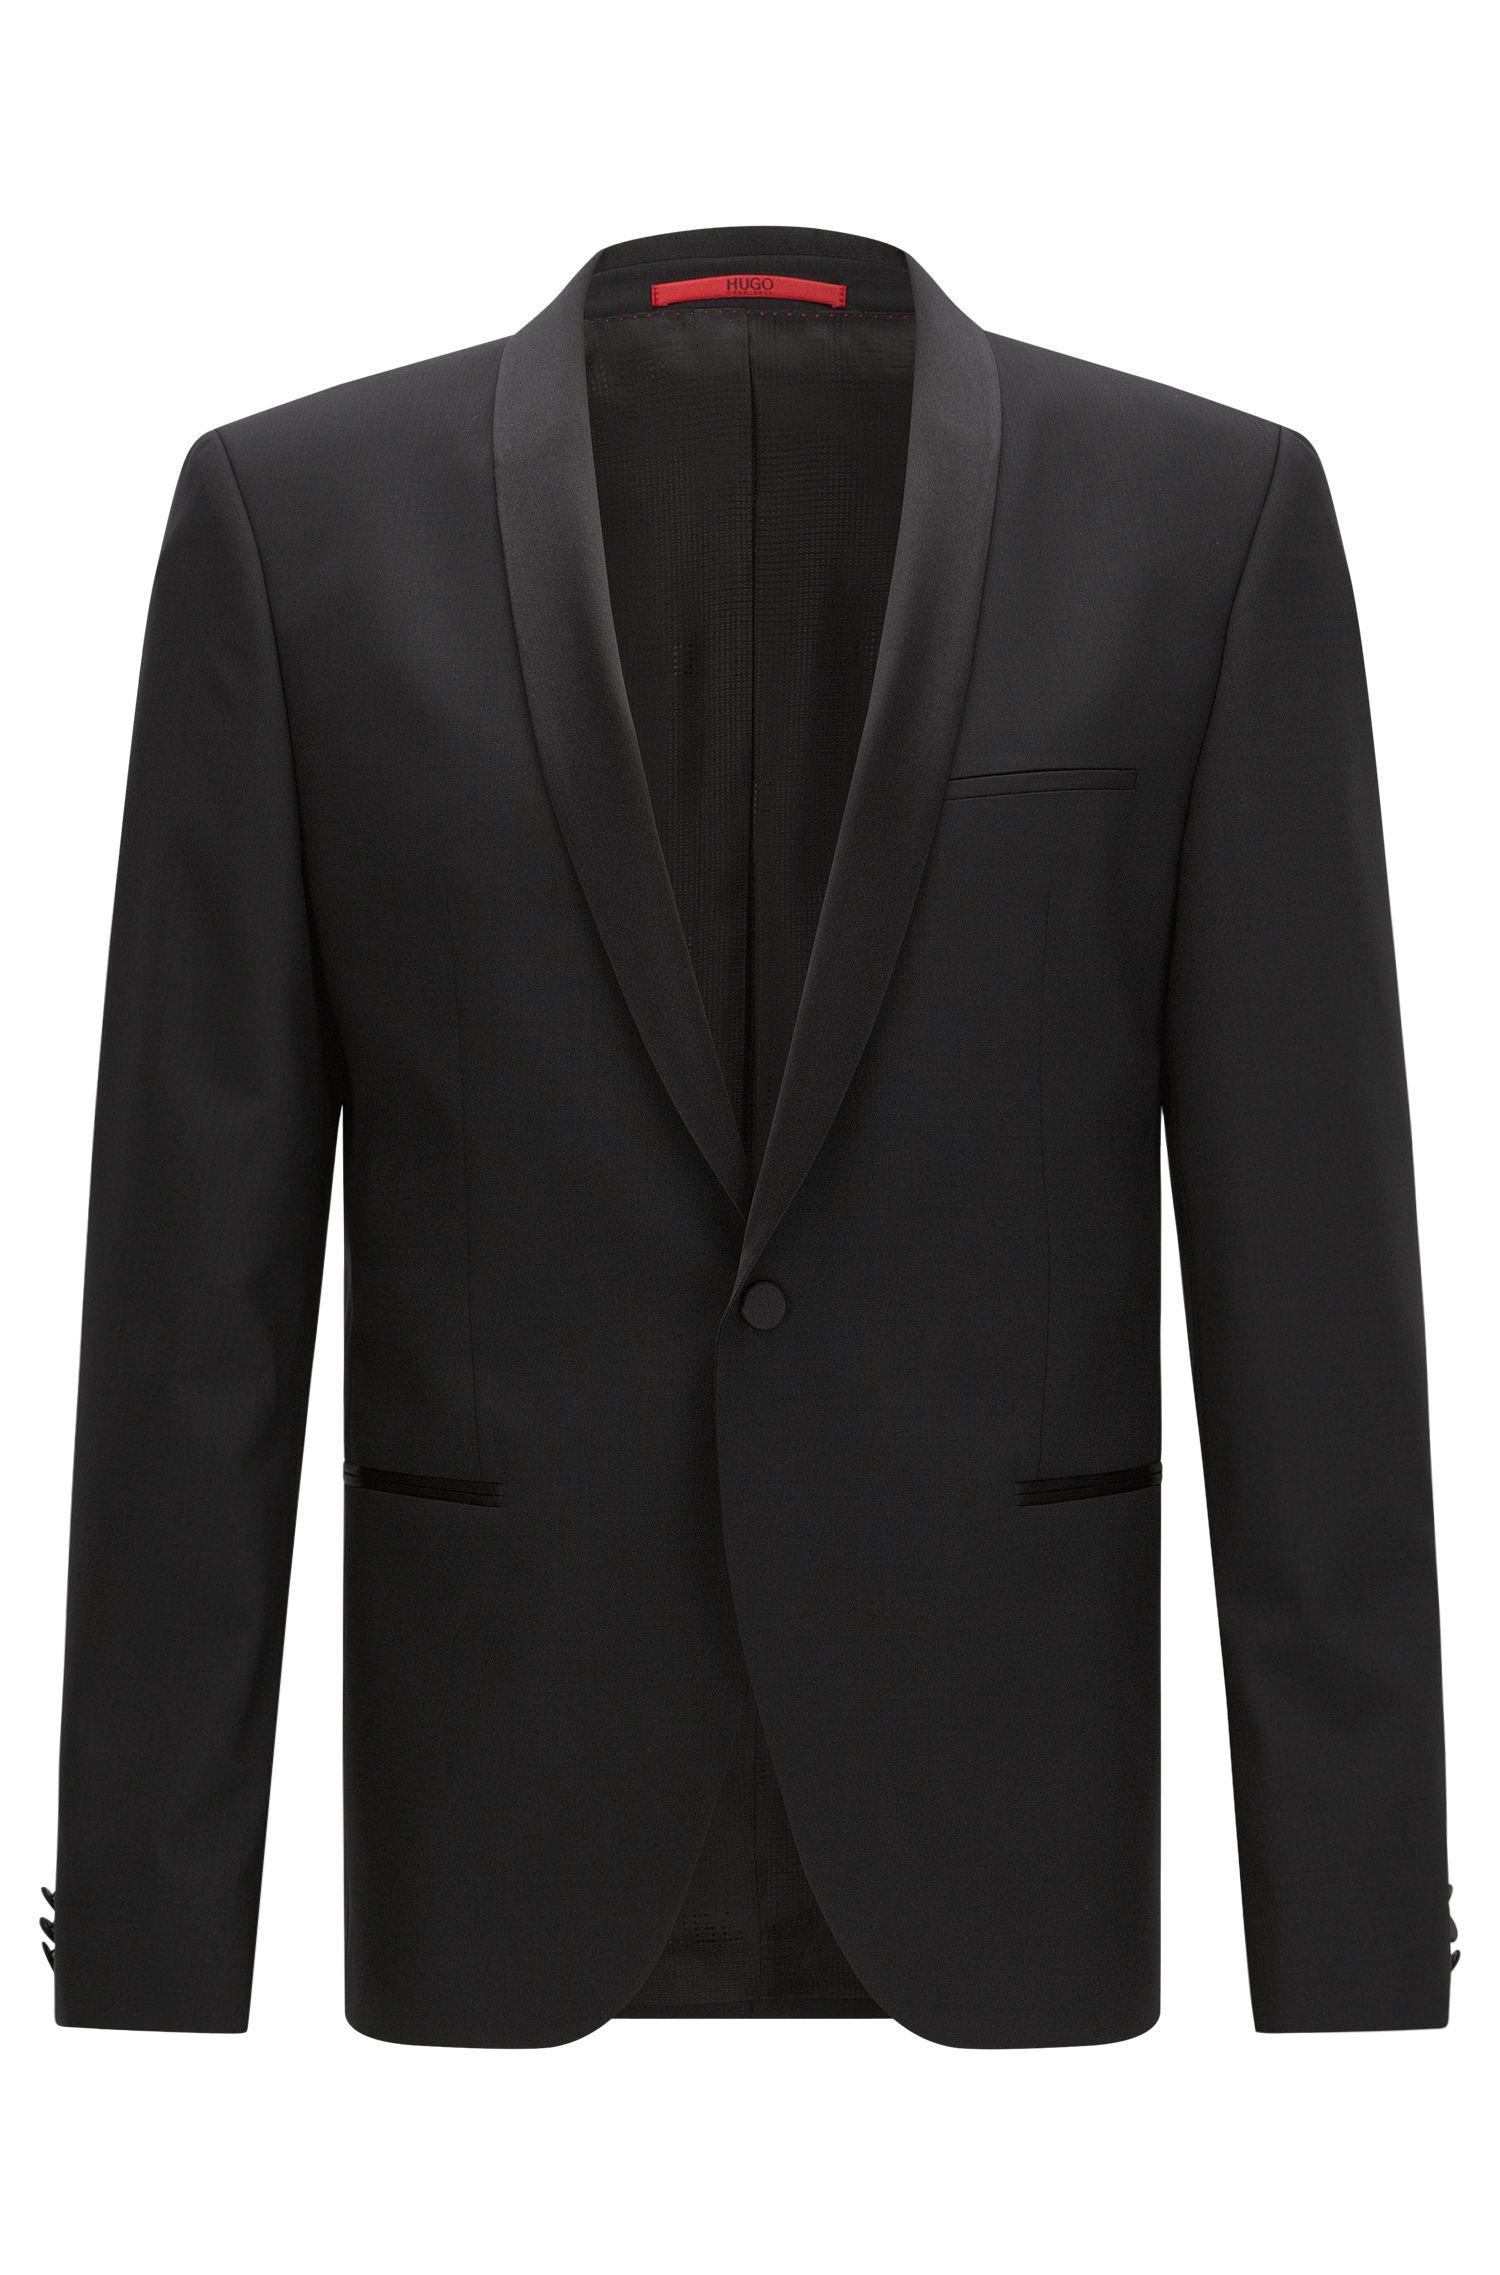 Slim-fit smokingjasje met zijden garneersel van HUGO Man